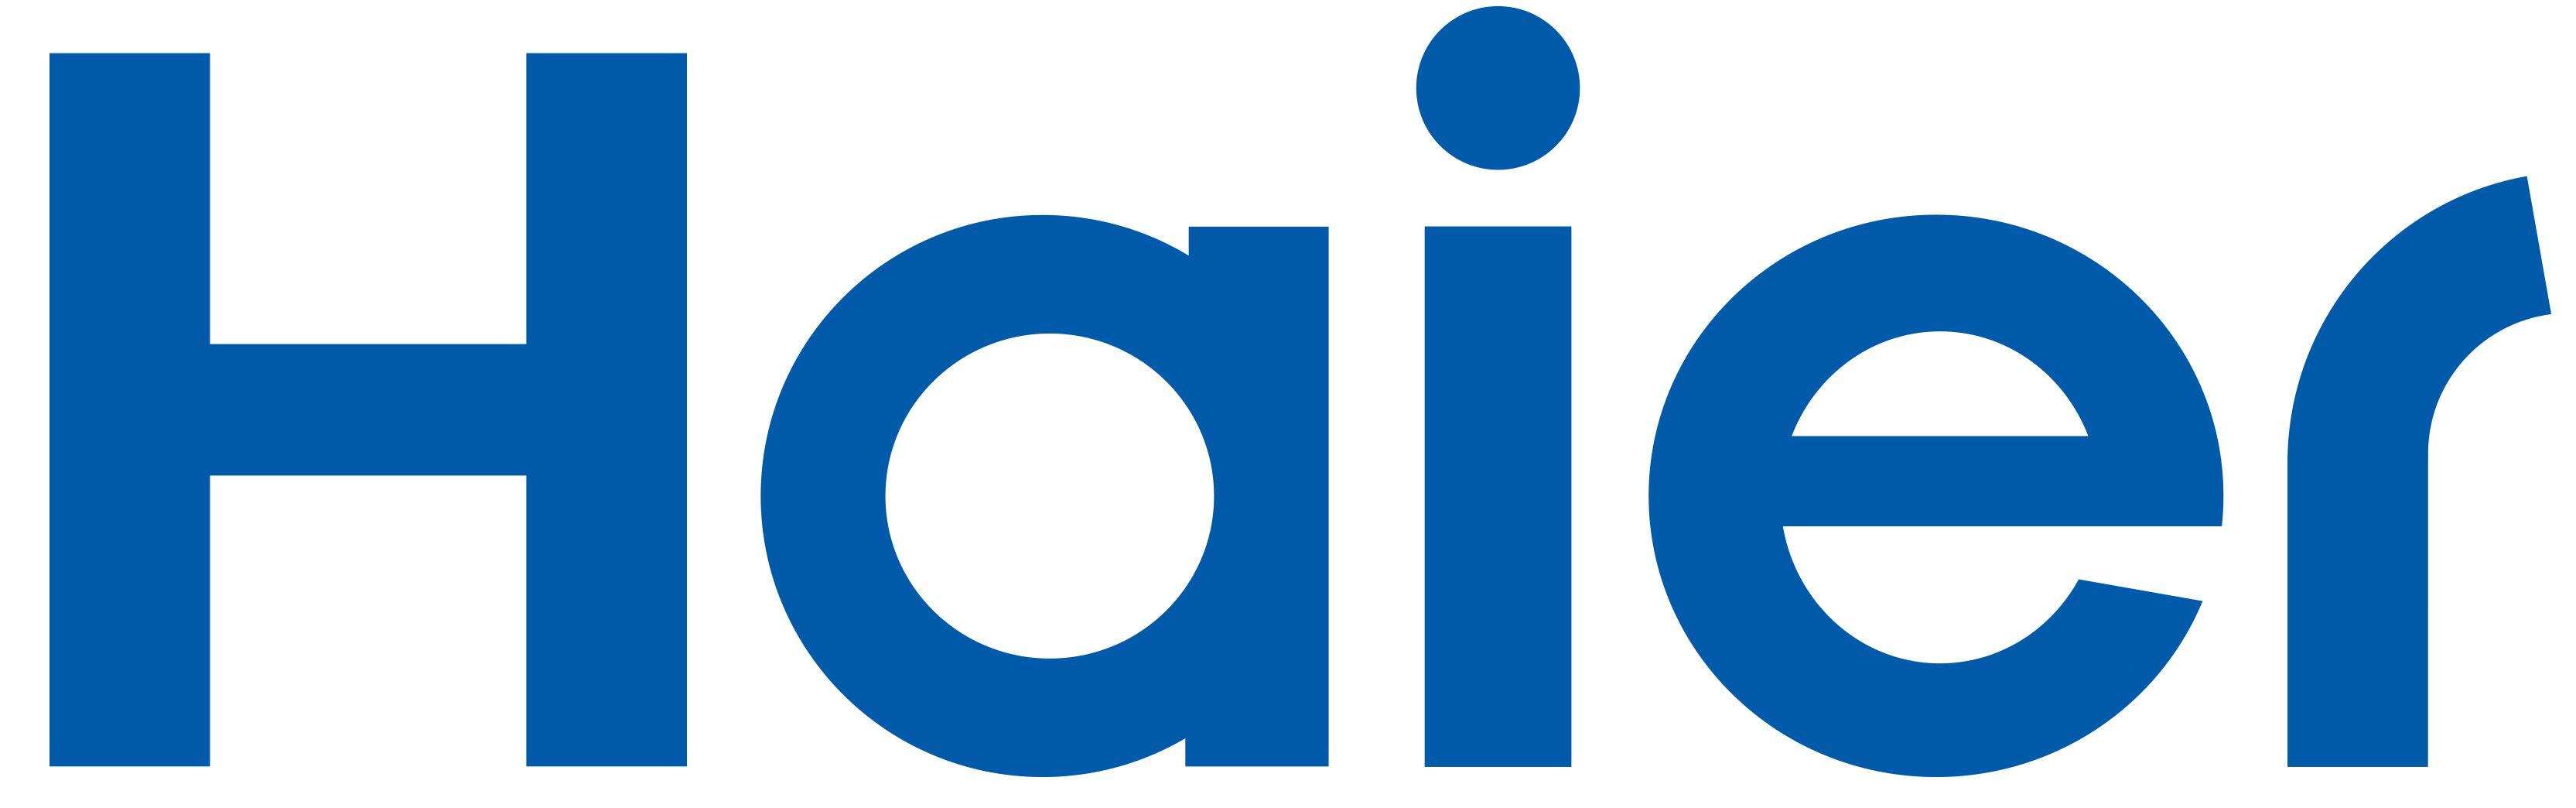 logo 标识 标志 设计 矢量 矢量图 素材 图标 3330_1044